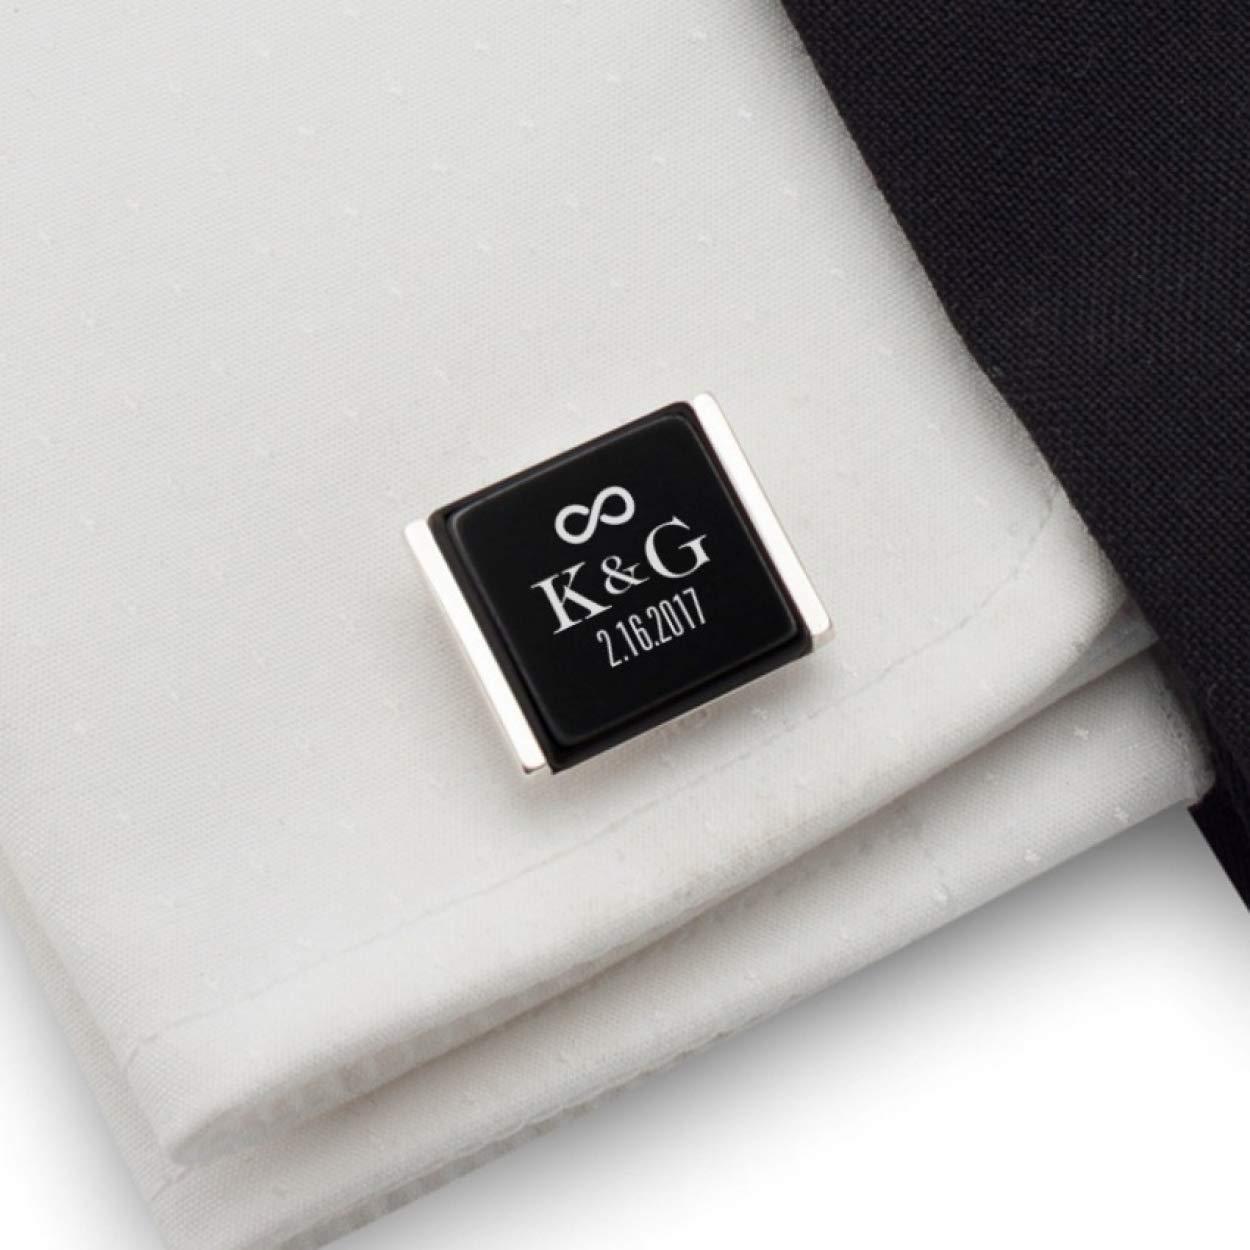 Bride /& Groom Wedding Cufflinks in Onyx Art of London Presentation Gift Box